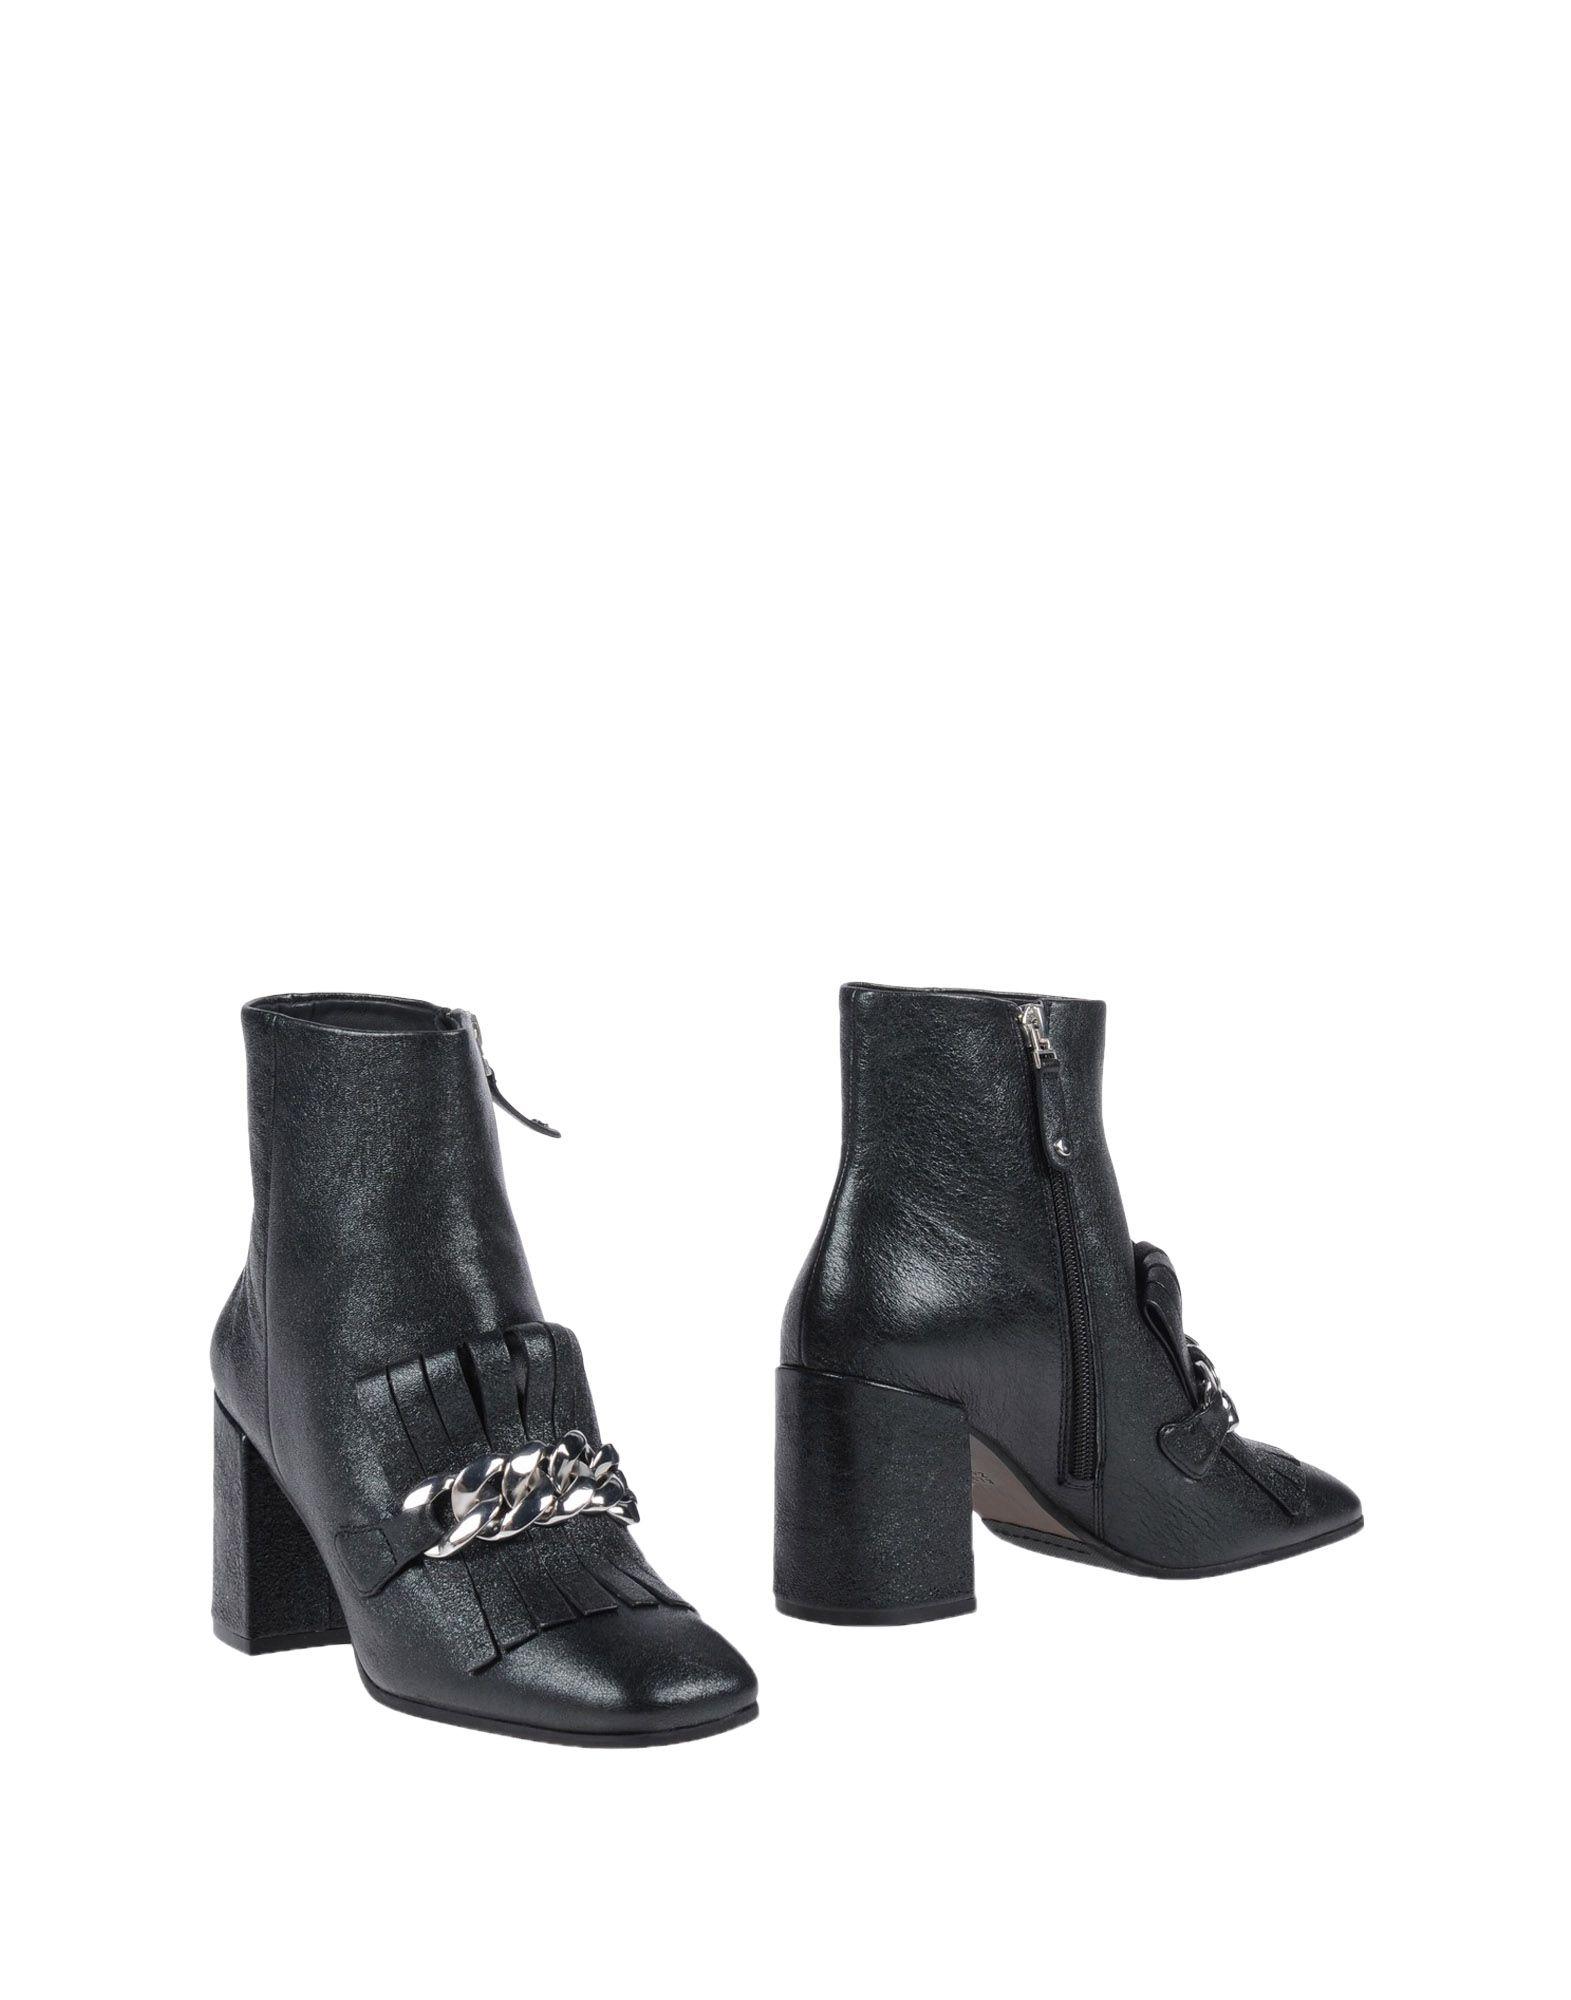 Elvio Zanon Stiefelette Damen  11455872RL Gute Qualität beliebte Schuhe